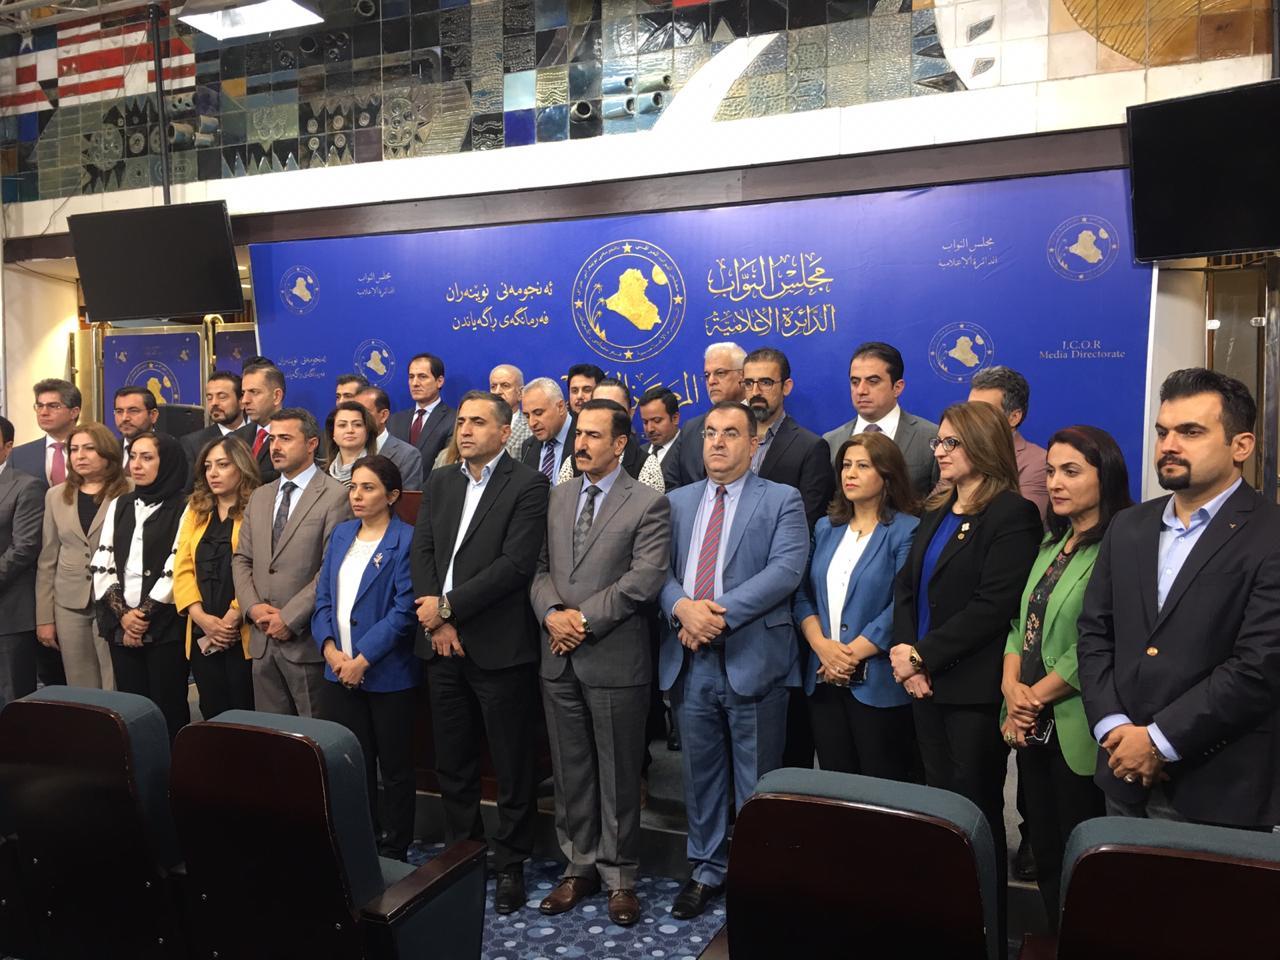 الاتحاد الوطني يفصح عن هجرة أكثر من 2000 اسرة كوردية من مناطق متنازعة